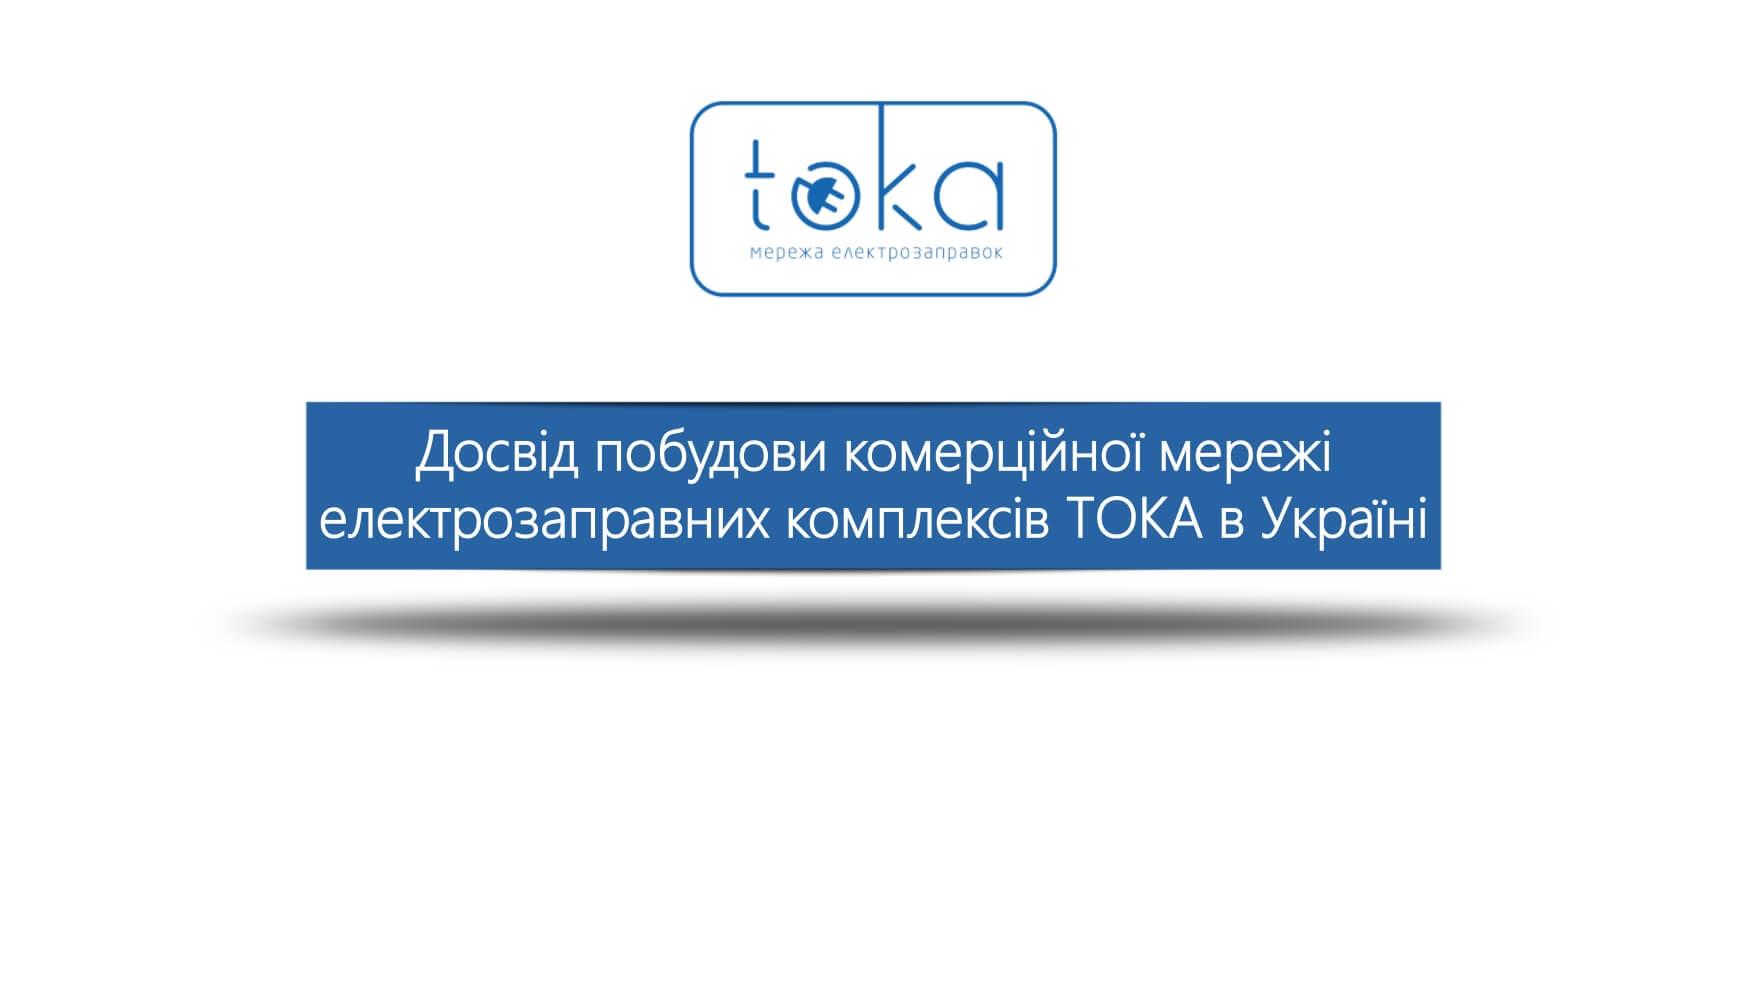 Вадим Войтович: опыт построение коммерческой сети электрозаправочных комплексов ТОКА в Украине